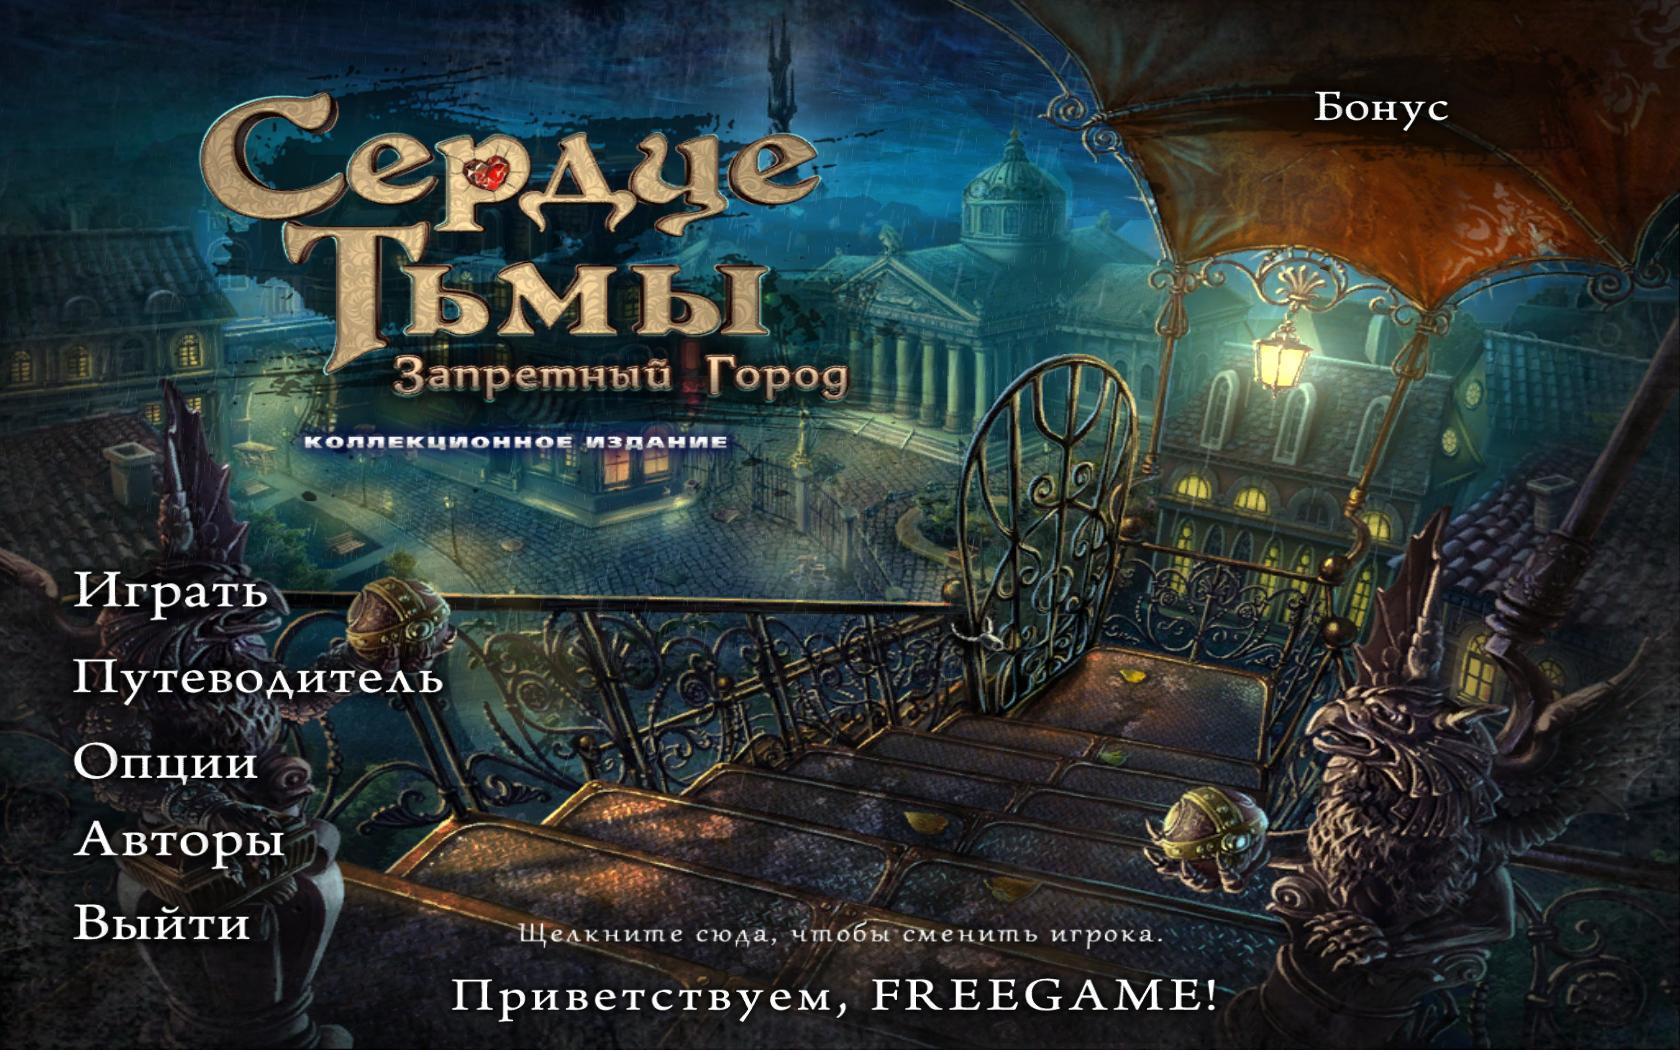 Сердце тьмы: Запретный город. Коллекционное издание | Dark Strokes: Sins of the Father CE (Rus)